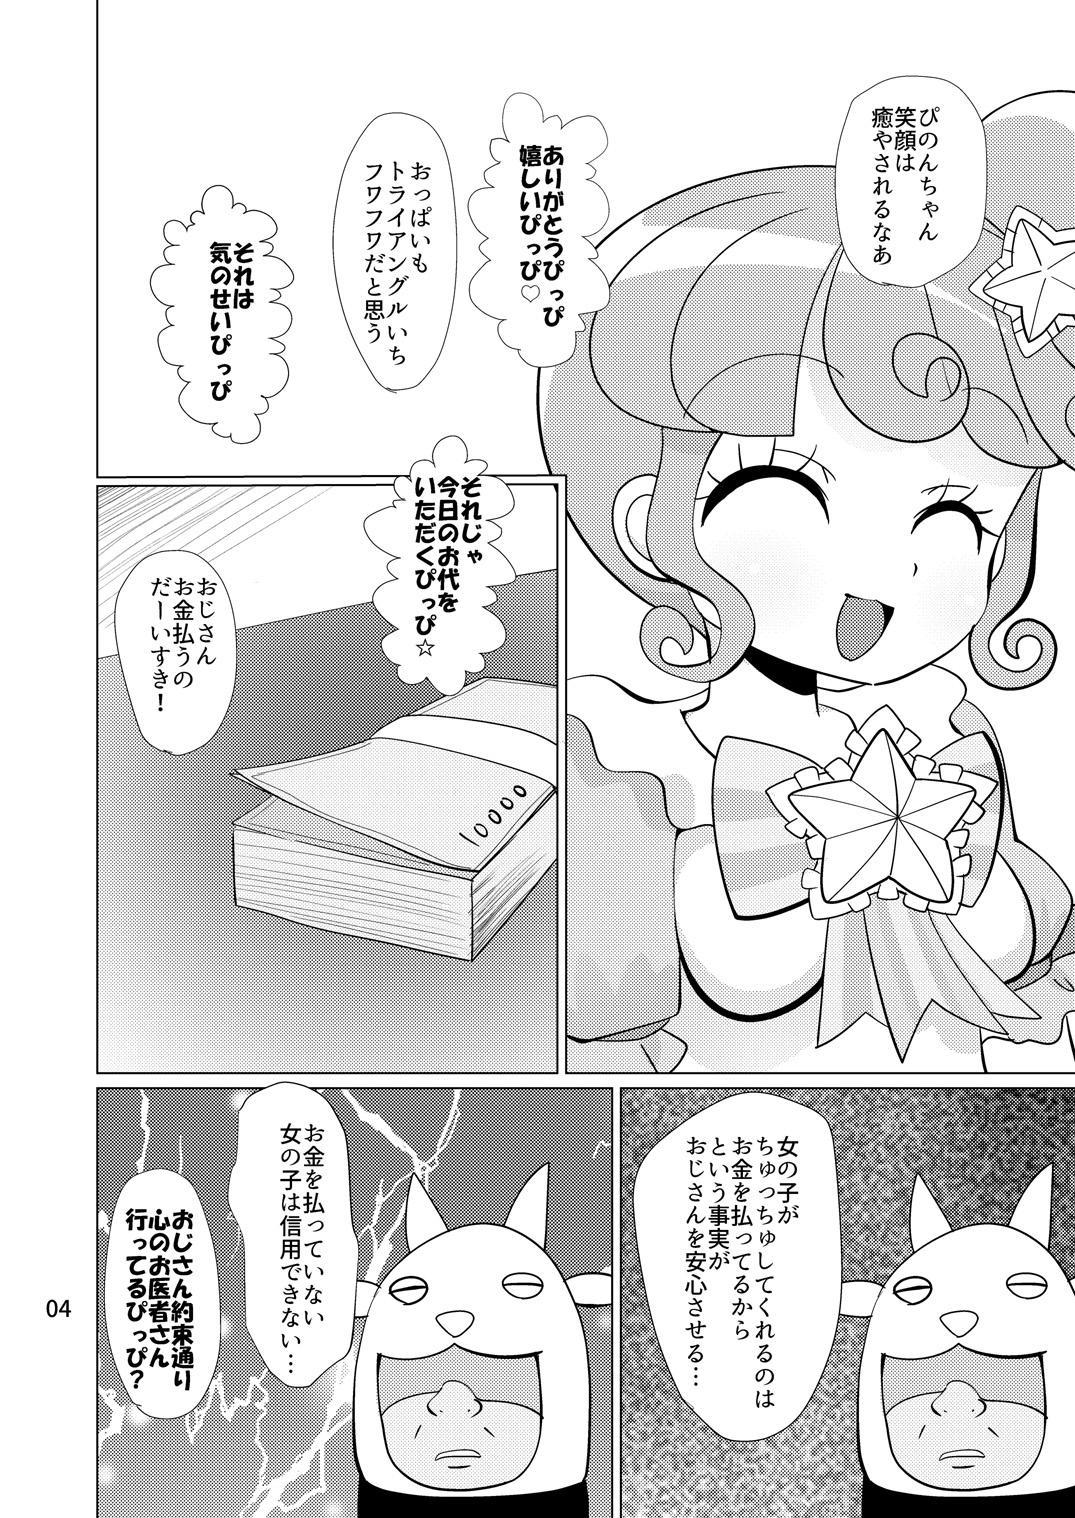 [Nanka no Su (Hakuhi)] Pinon-chan-tachi ni Okane o Haratte Shite Itadaku Hon (PriPara) [Digital] 2